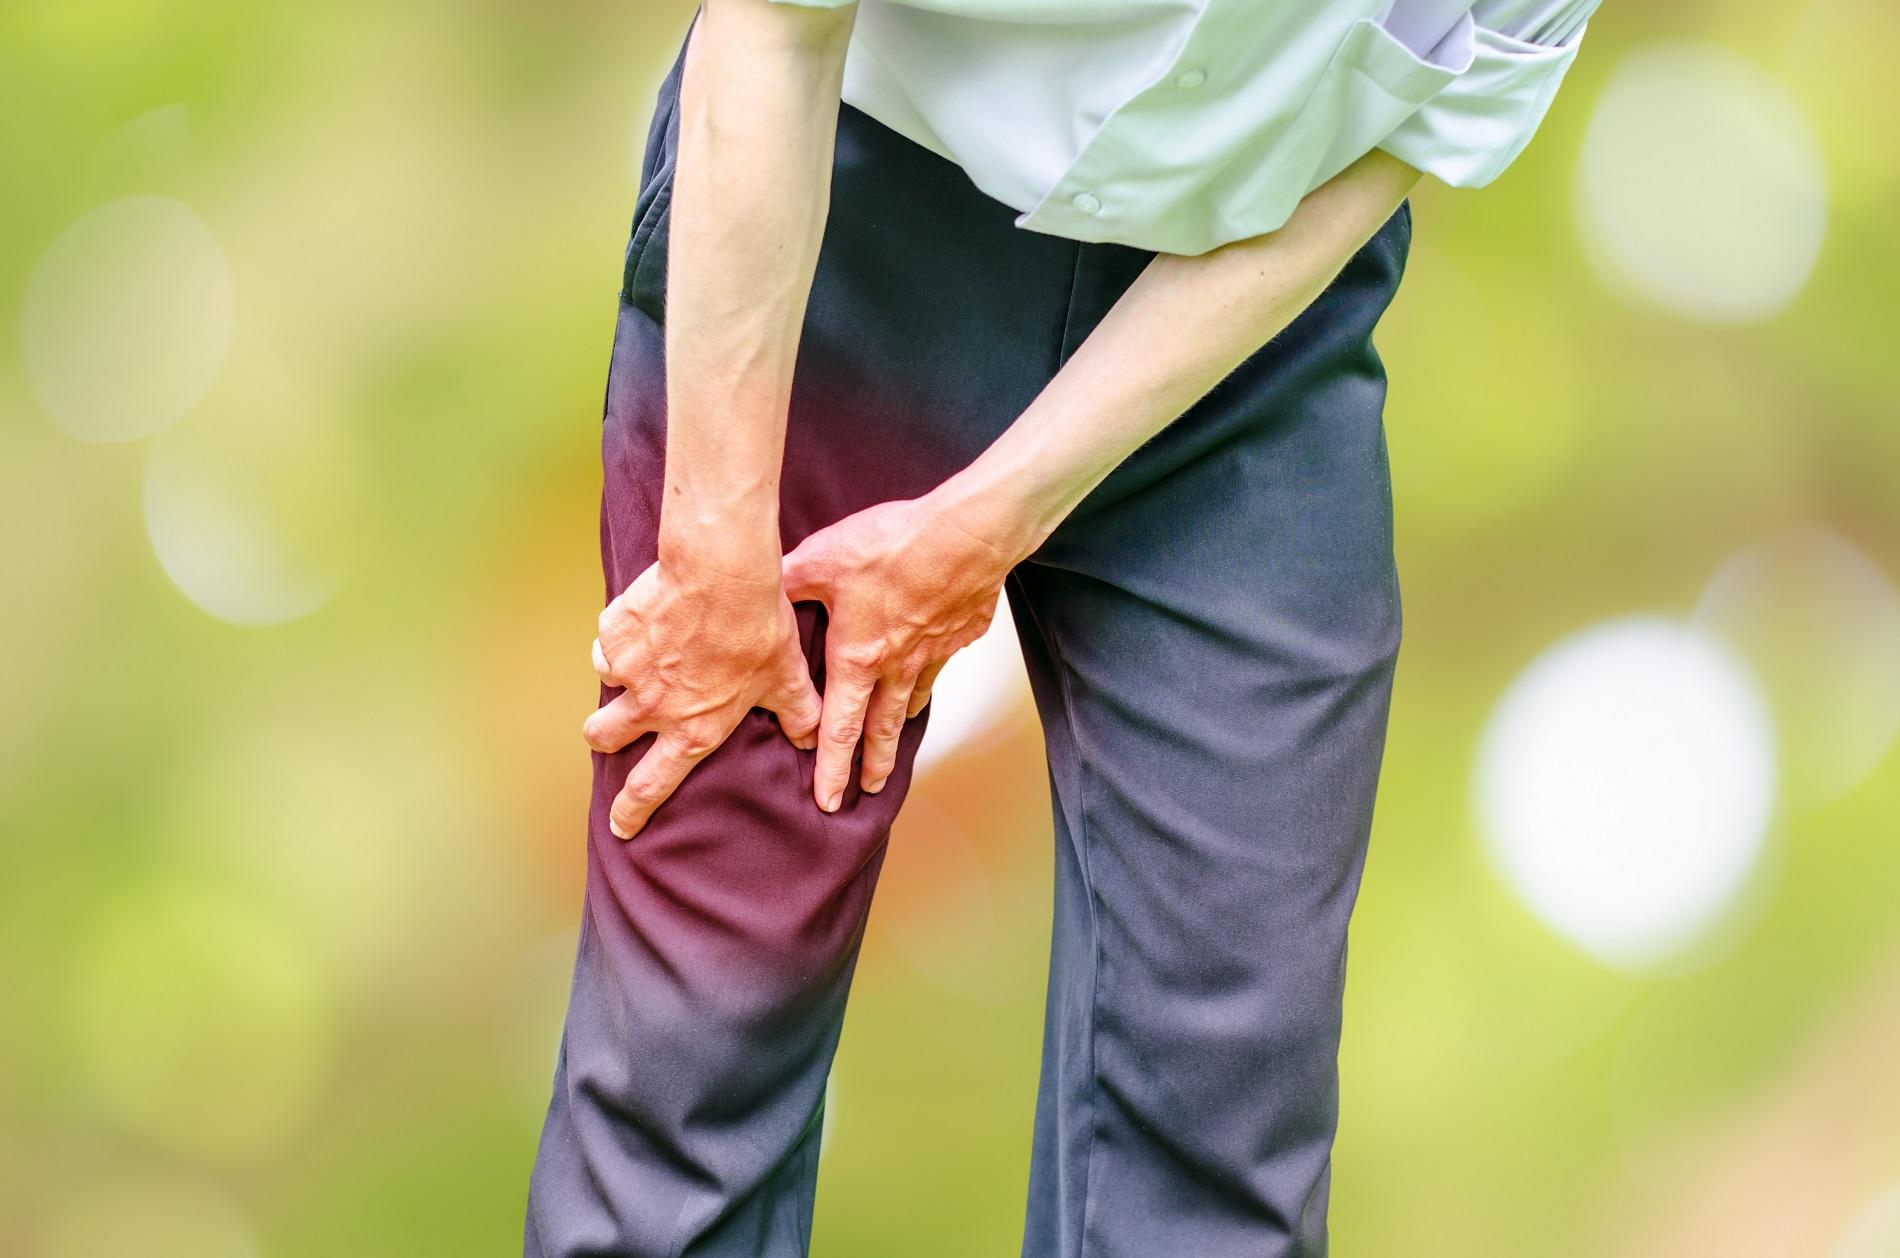 fájdalom a térdízületek hát izmain ha az ízületeket nem kezelik